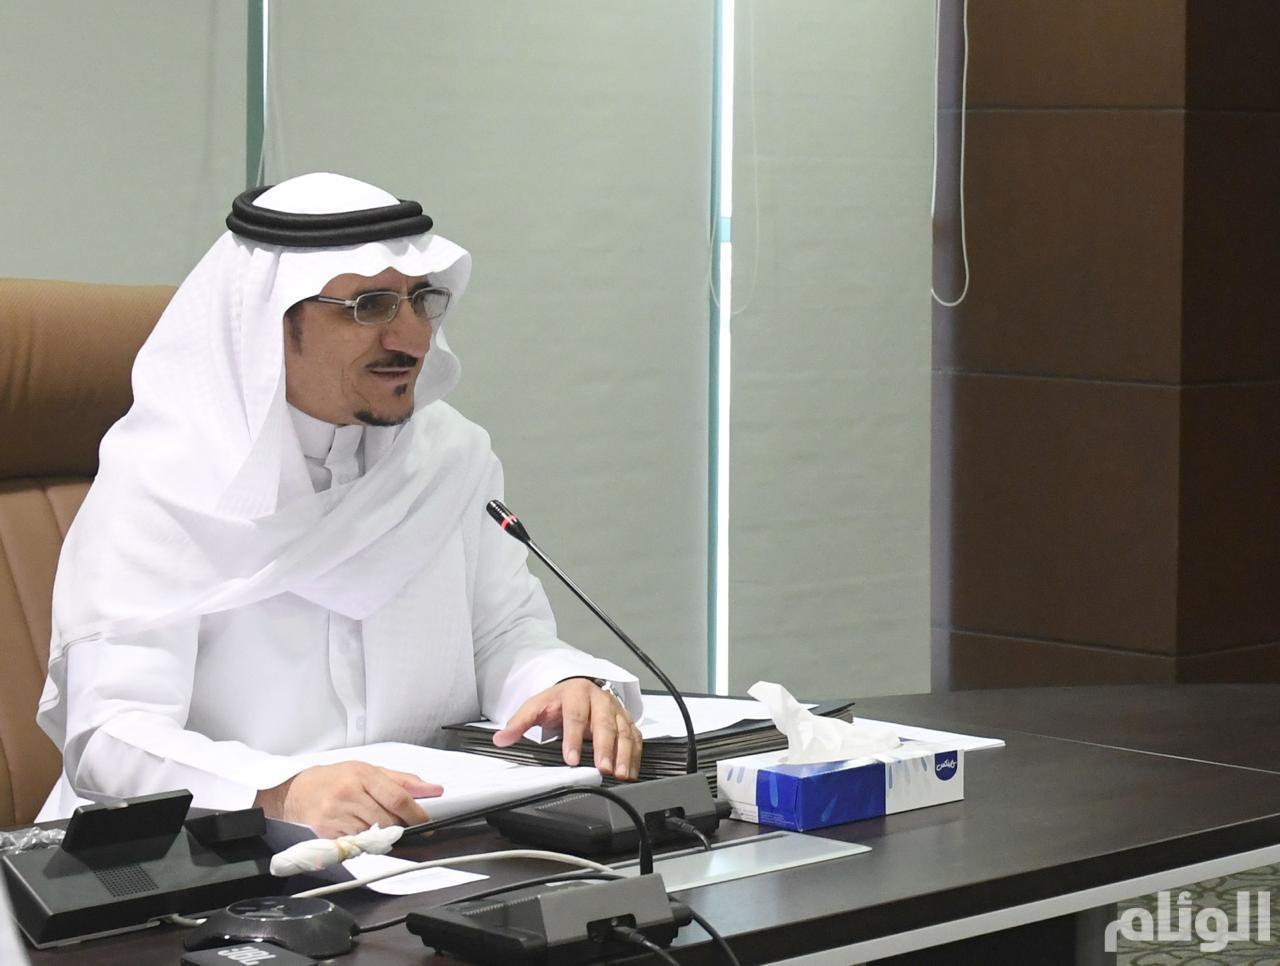 مجلس جامعة الباحة يصدر عدة قرارات في اجتماعه الخامس